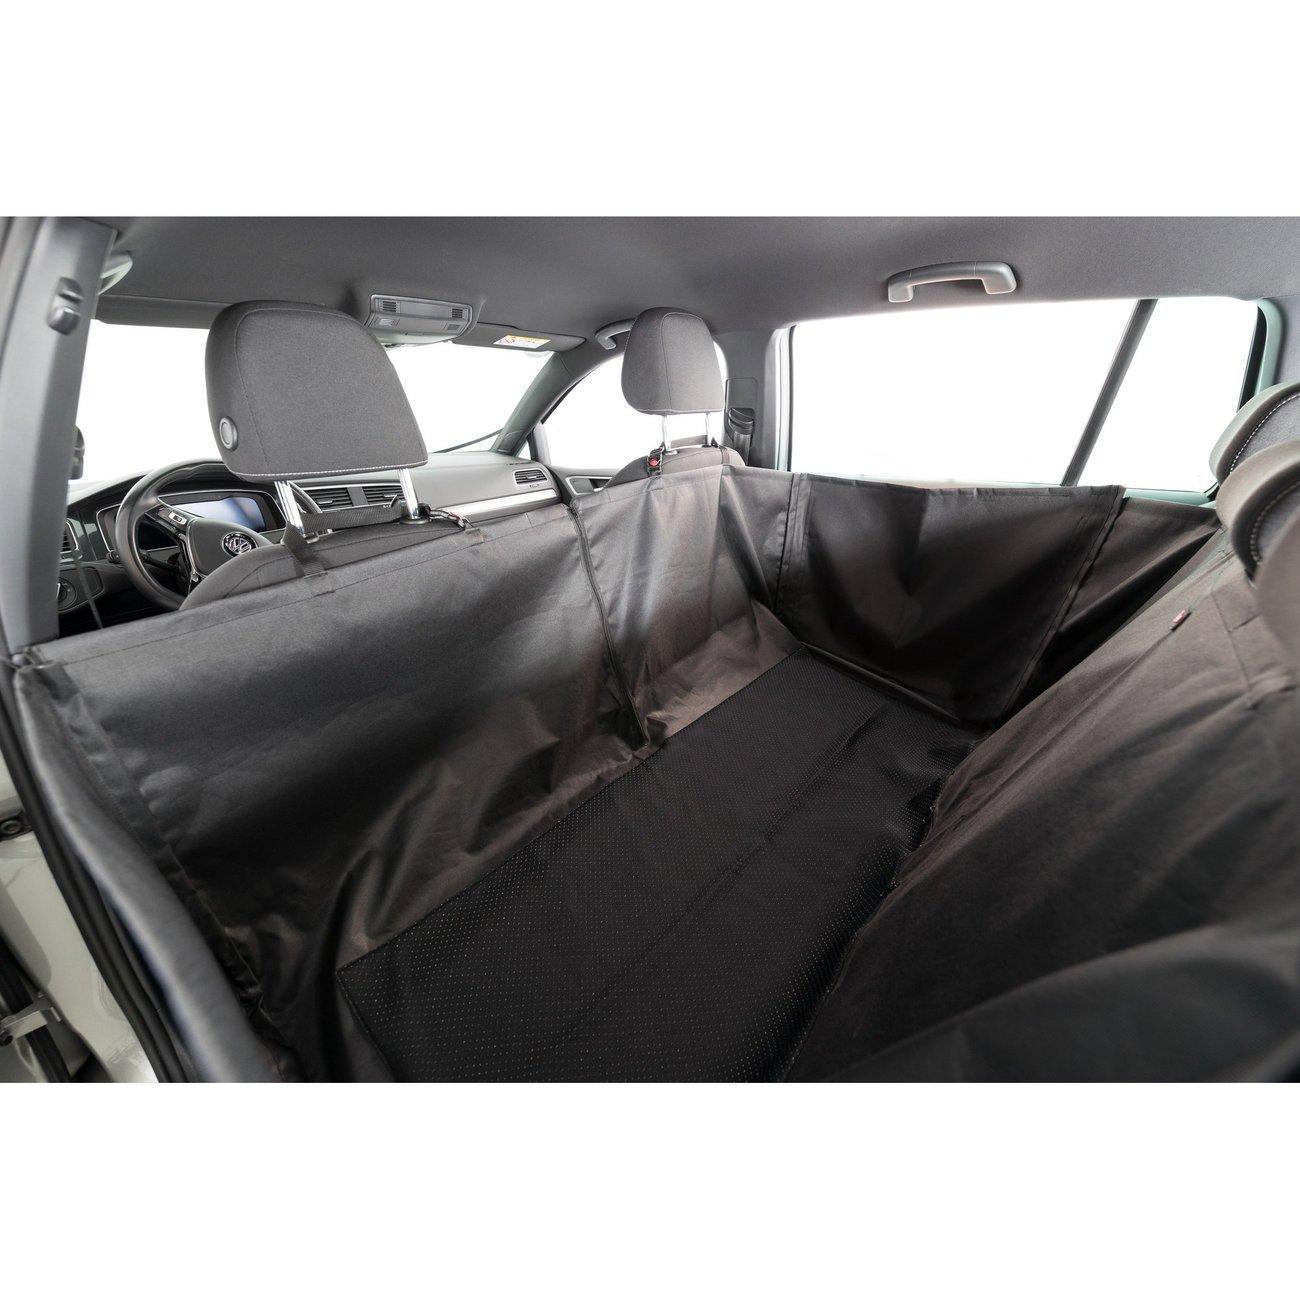 Auto Hundedecke mit Seitenteilen für Rücksitz Bild 18